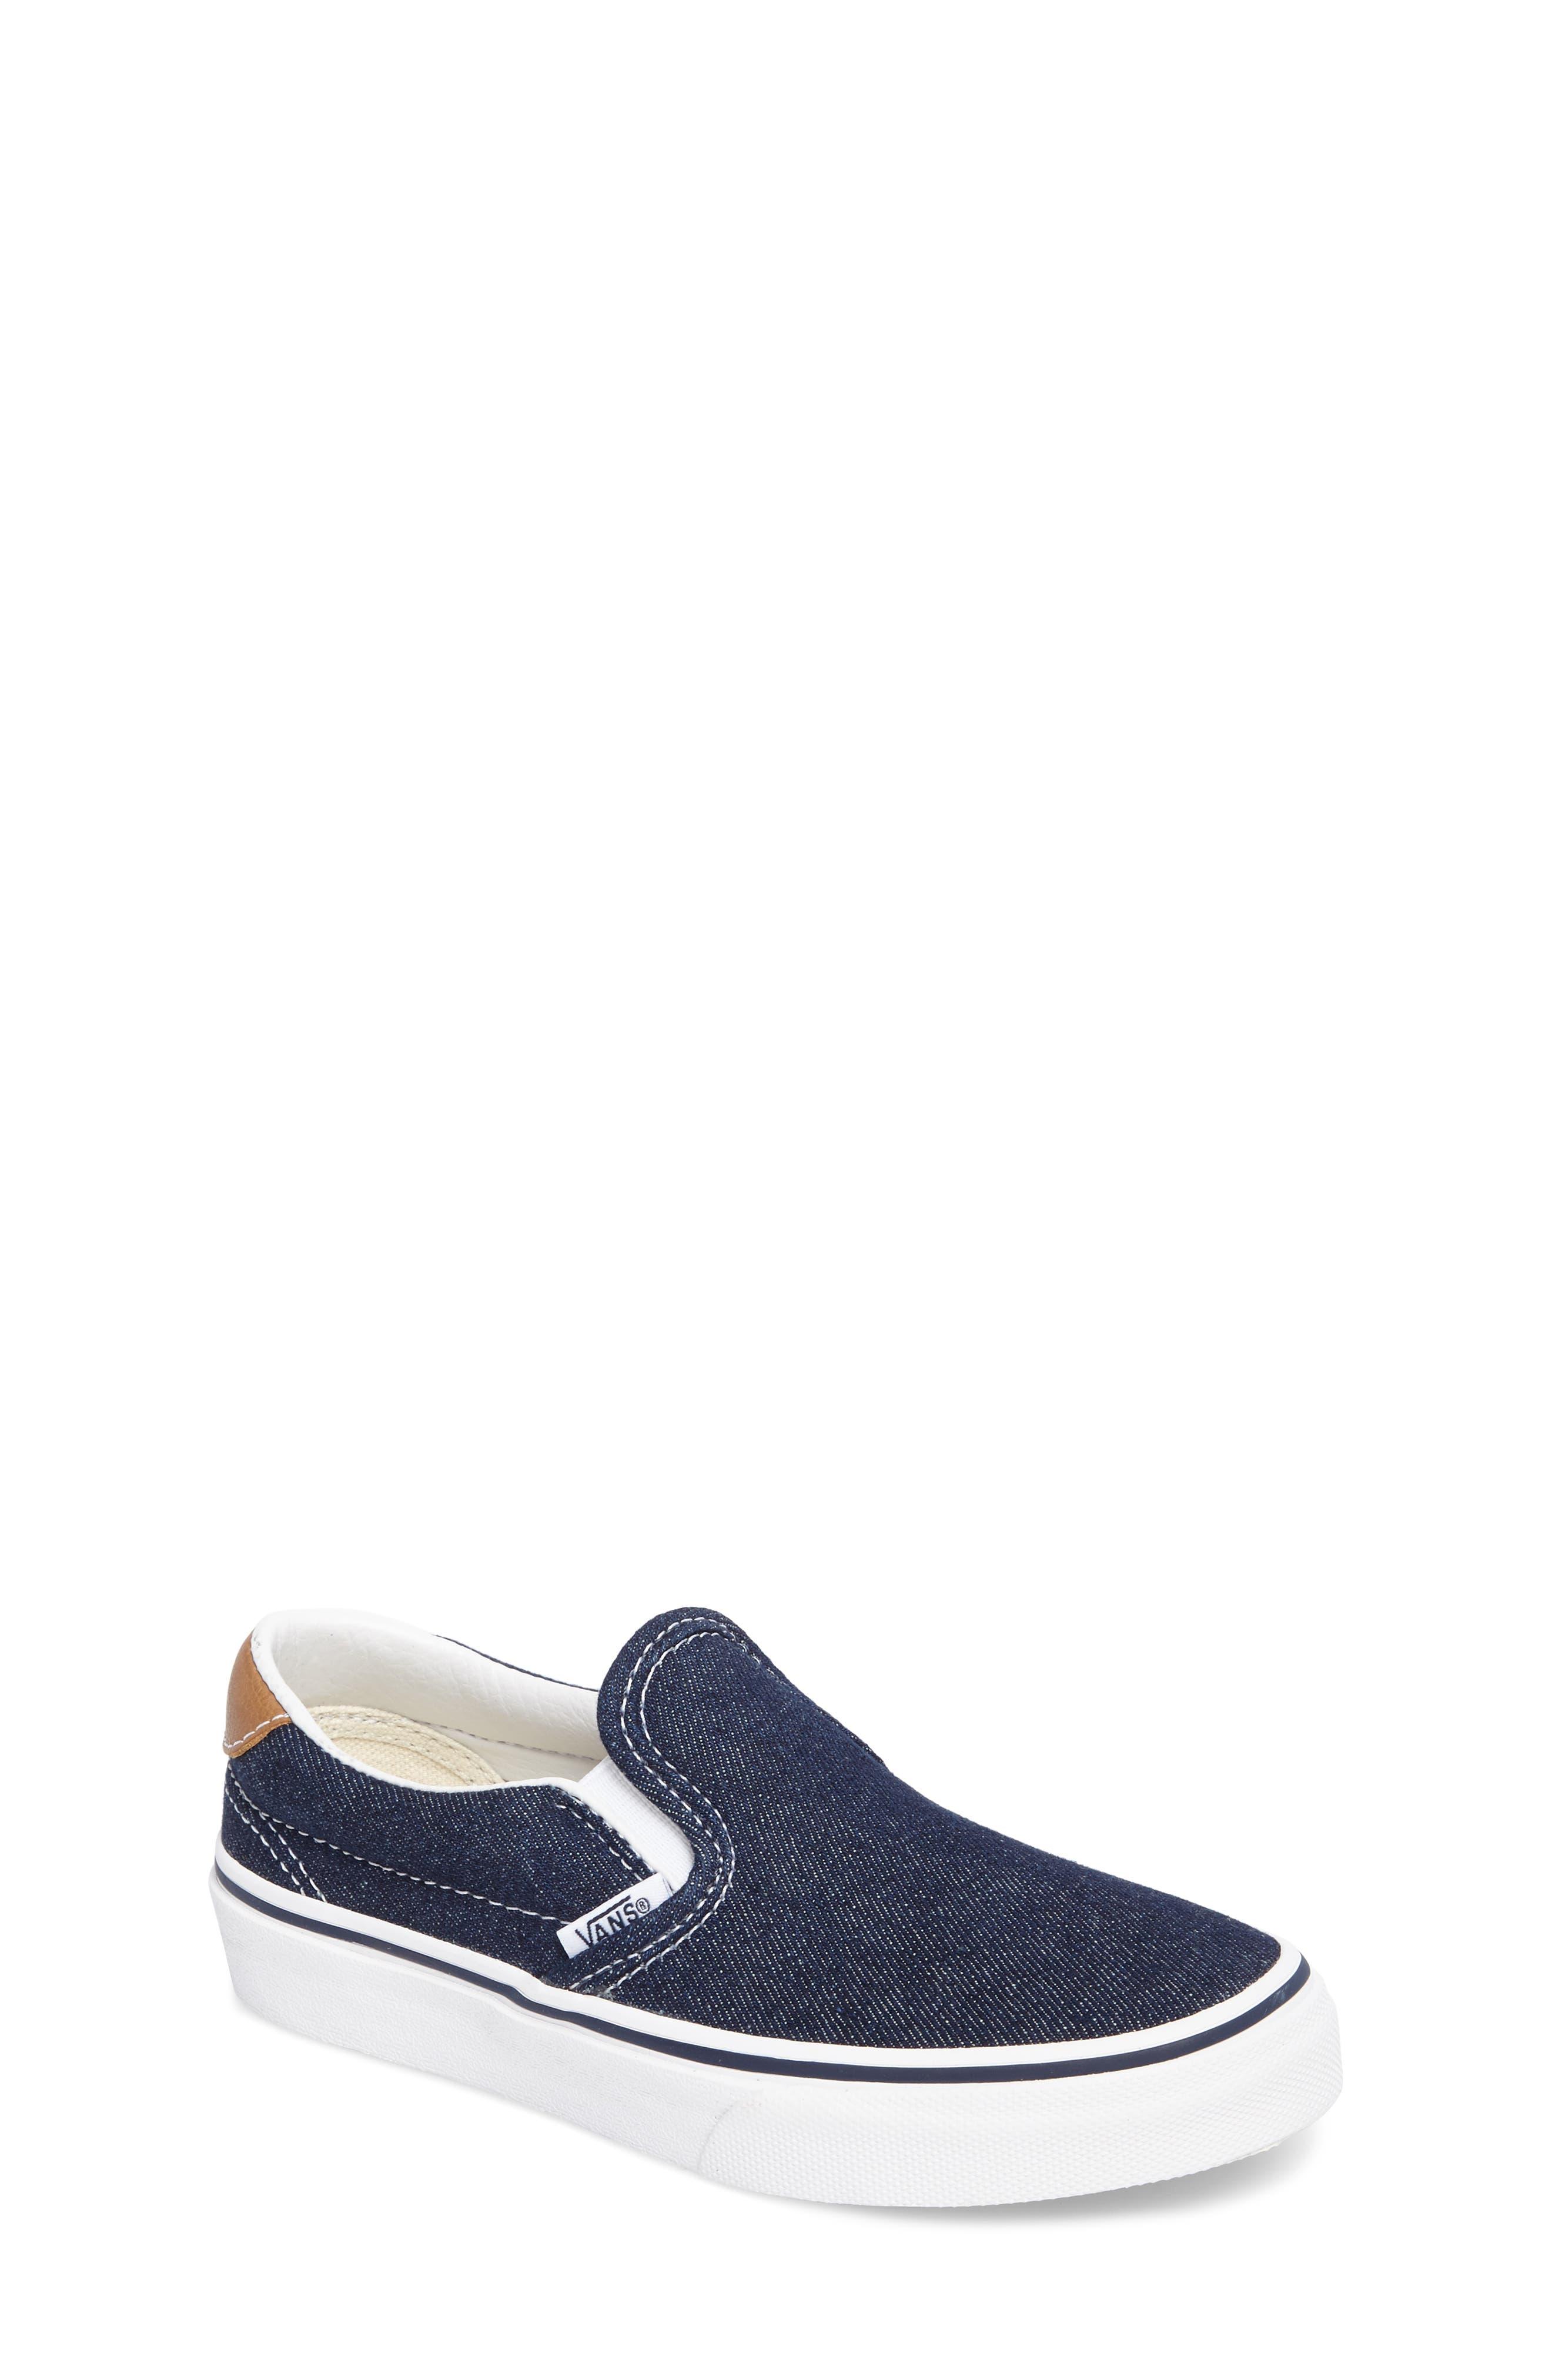 Denim C&L Slip-On 59 Sneaker,                         Main,                         color, 420